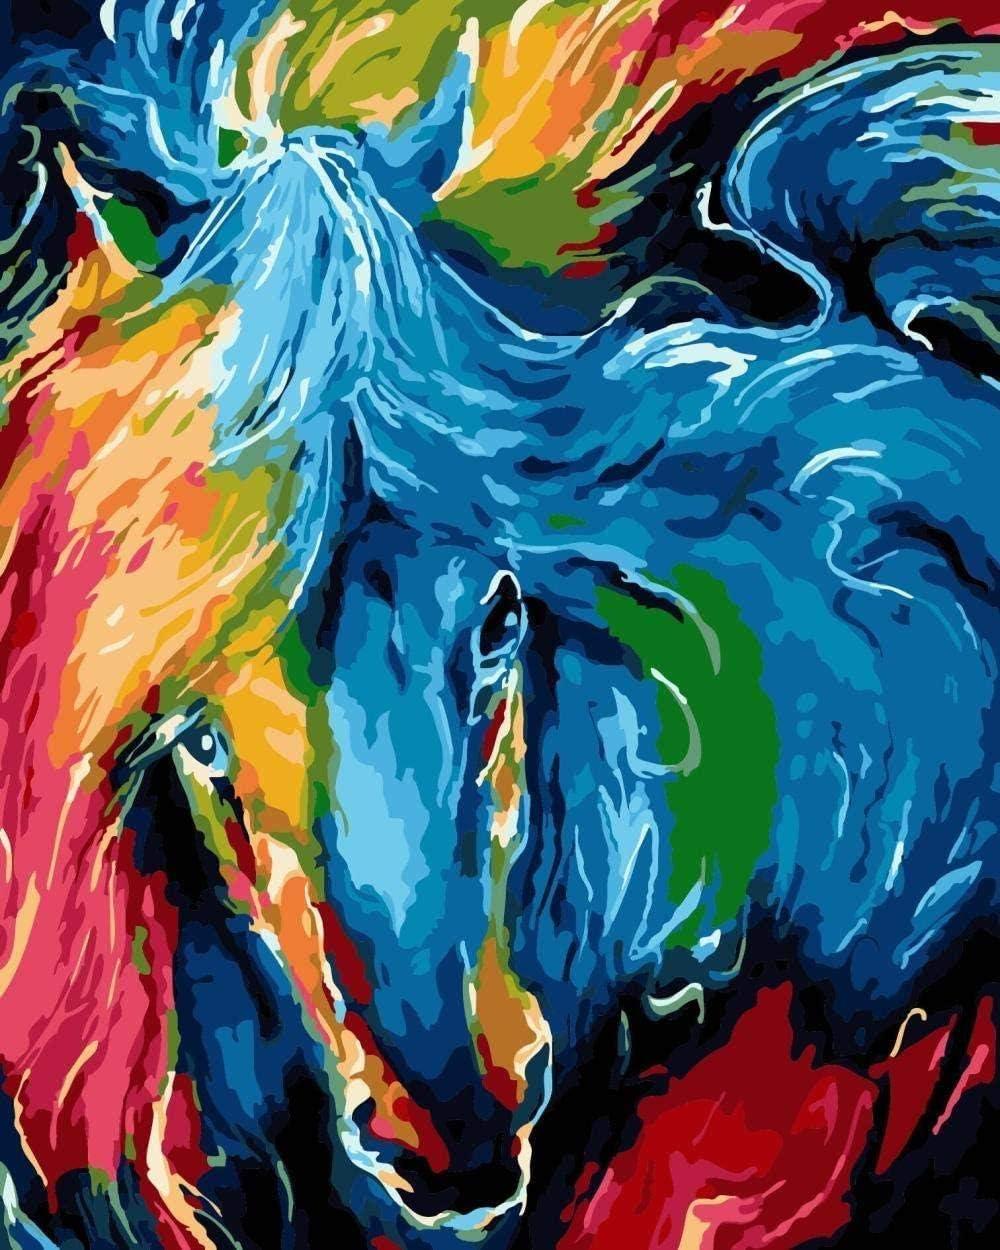 Pintura por números pintura al óleo digital abstracto caballo dibujado para niños adultos estudiantes principiantes arte de la pared cuadros lienzo 40 x 50 cm